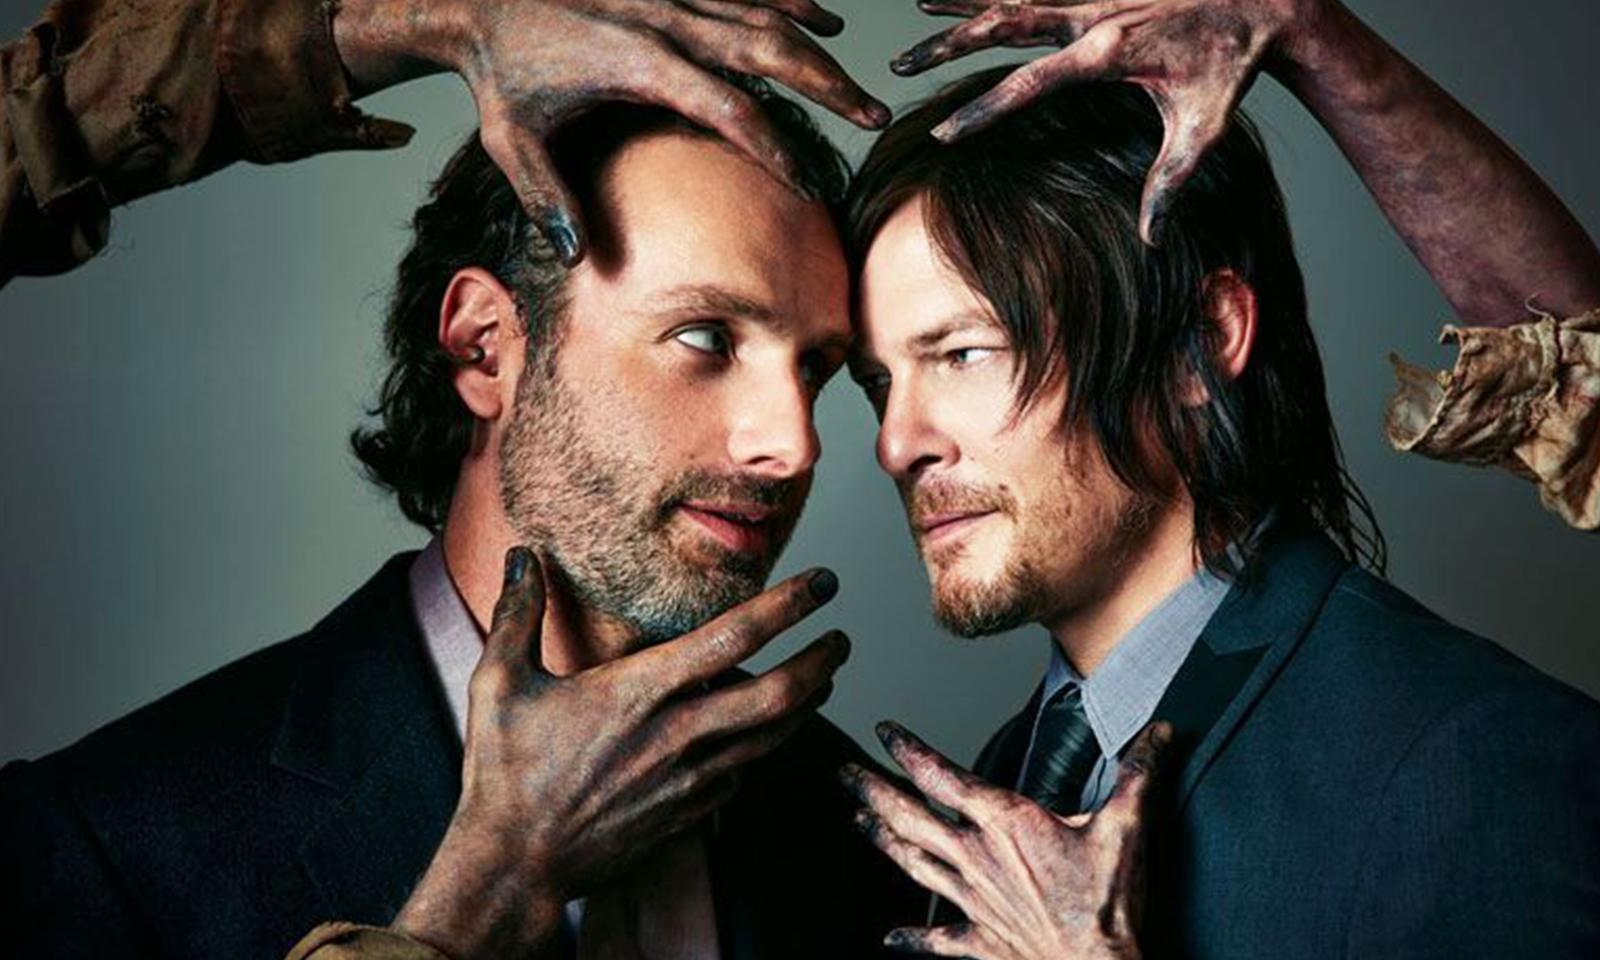 Norman Reedus (Daryl) e Andrew Lincoln (Rick) se encaram enquanto mãos de zumbis tentam pegá-los em ensaio fotográfico para a Atlanta Magazine.